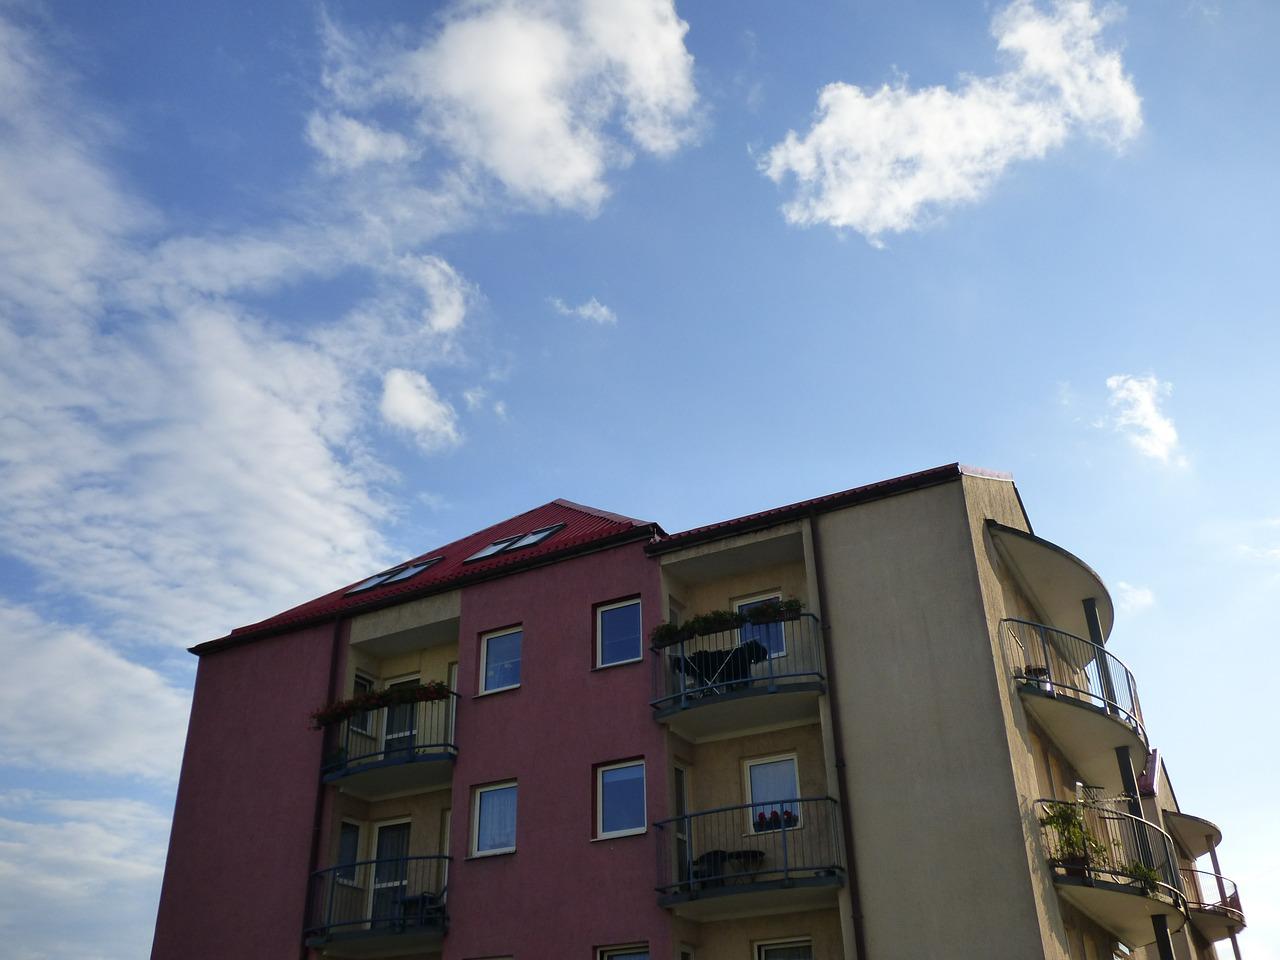 Nowe mieszkania, nieruchomości brzeg, http://apartamenty-brzeg.pl/, nowe mieszkania brzeg